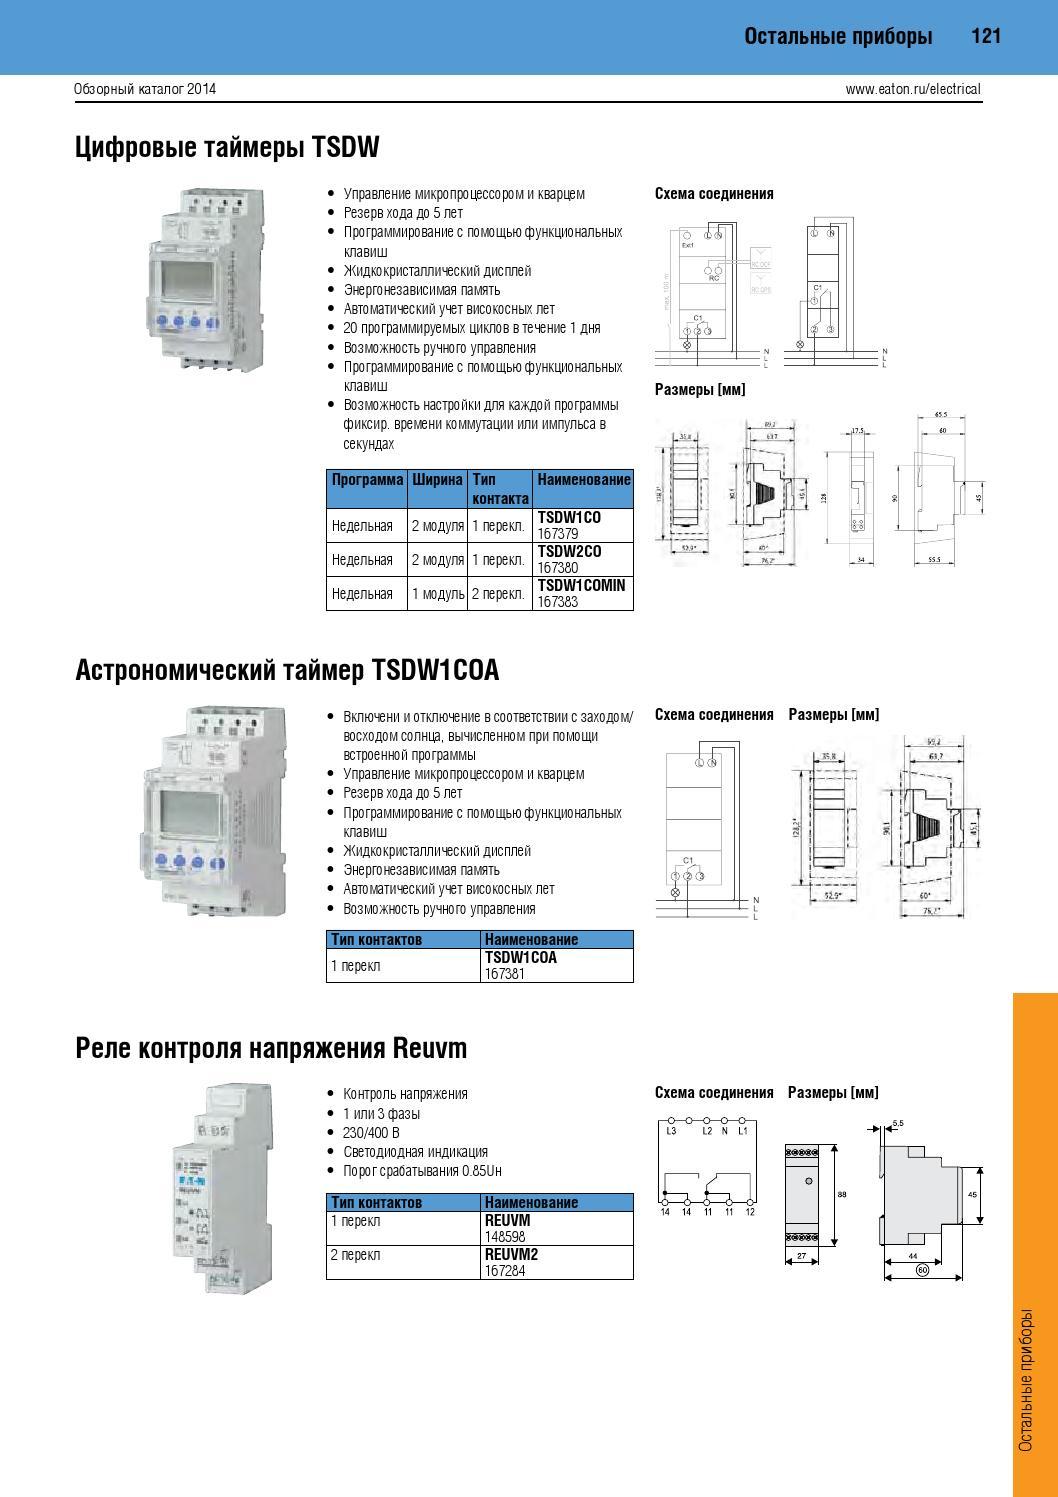 Схема подключения механического таймера